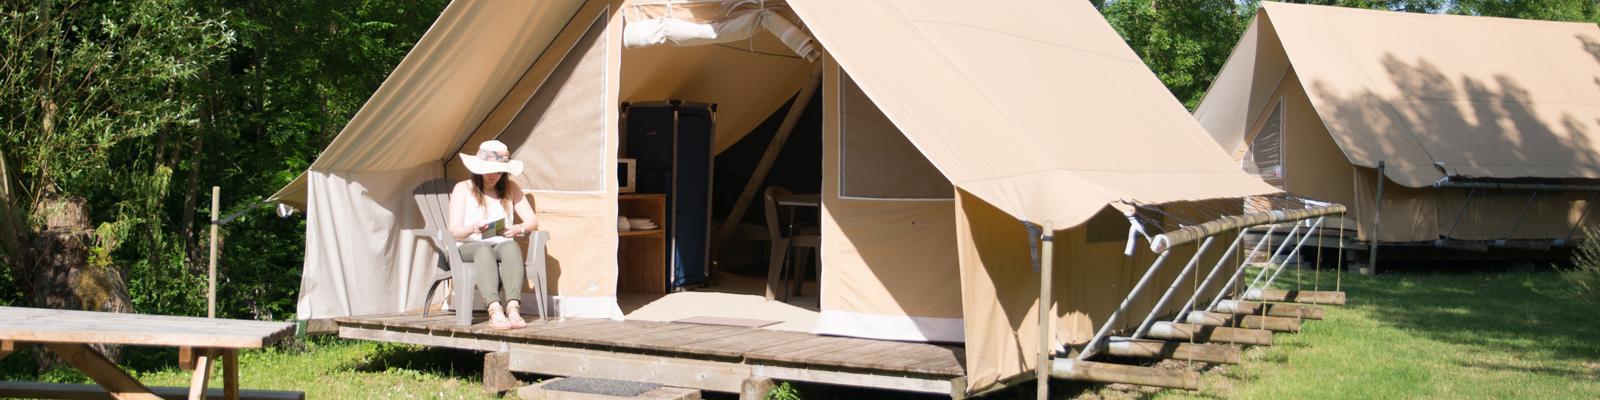 Camping Deux-Sèvres